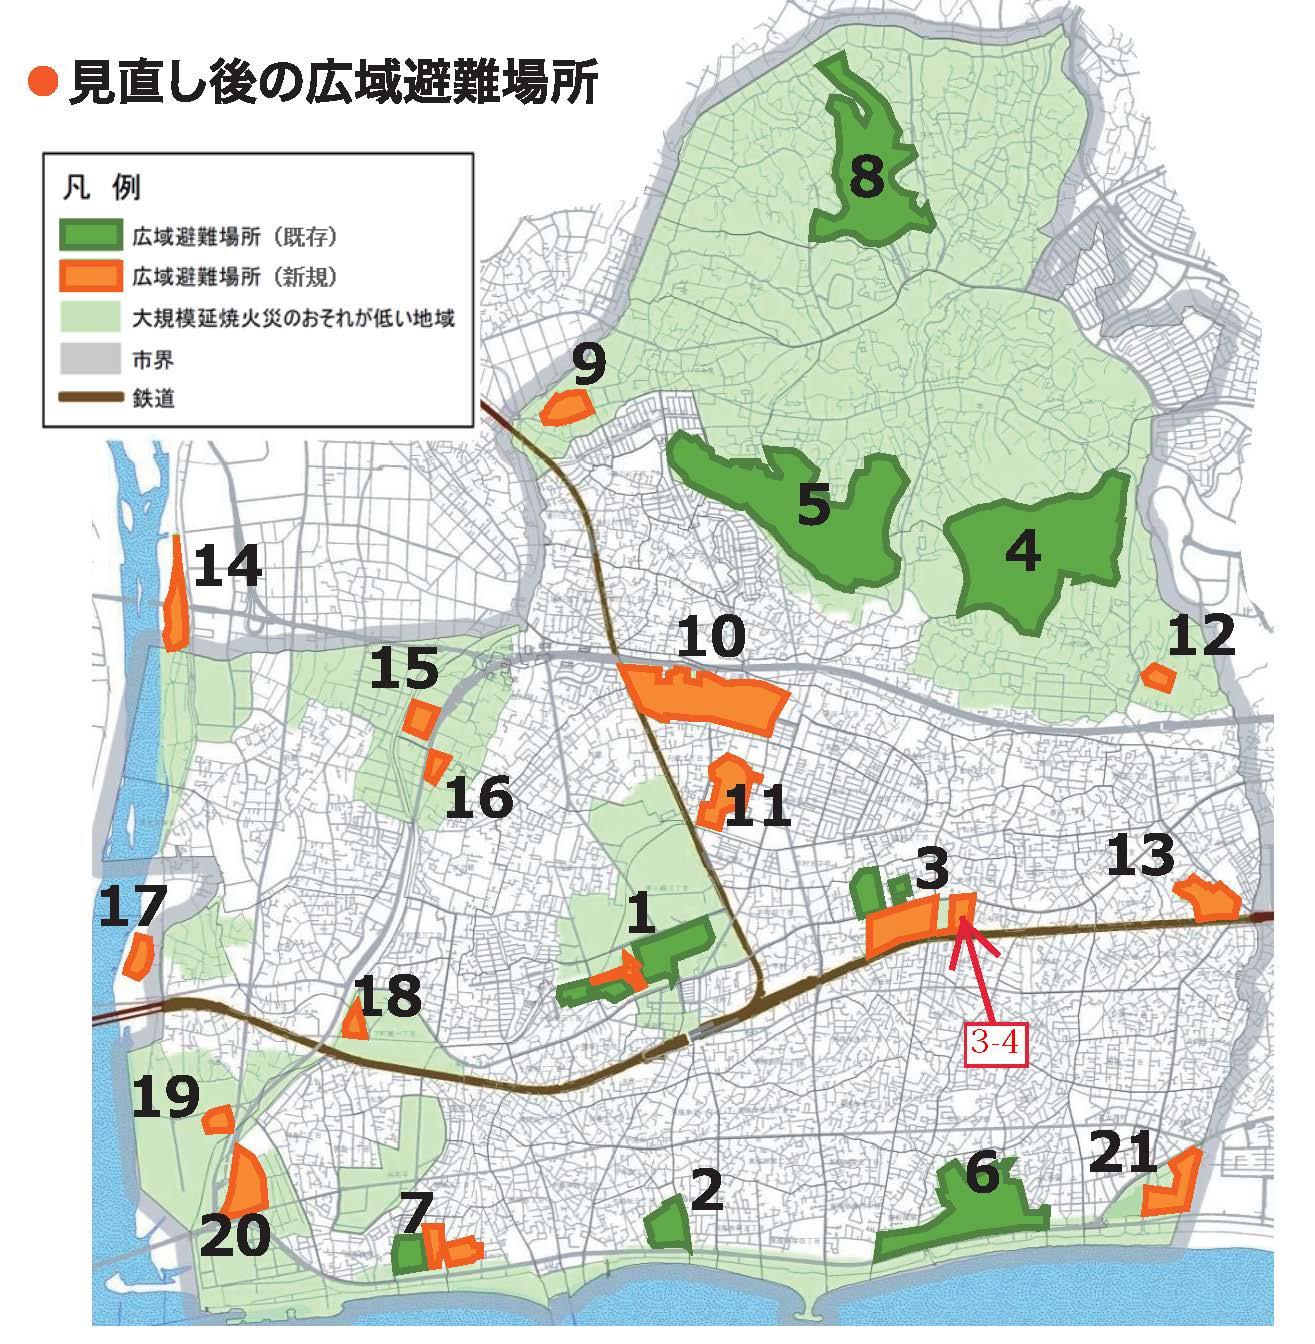 3-4.広域避難場所_茅ヶ崎市地図